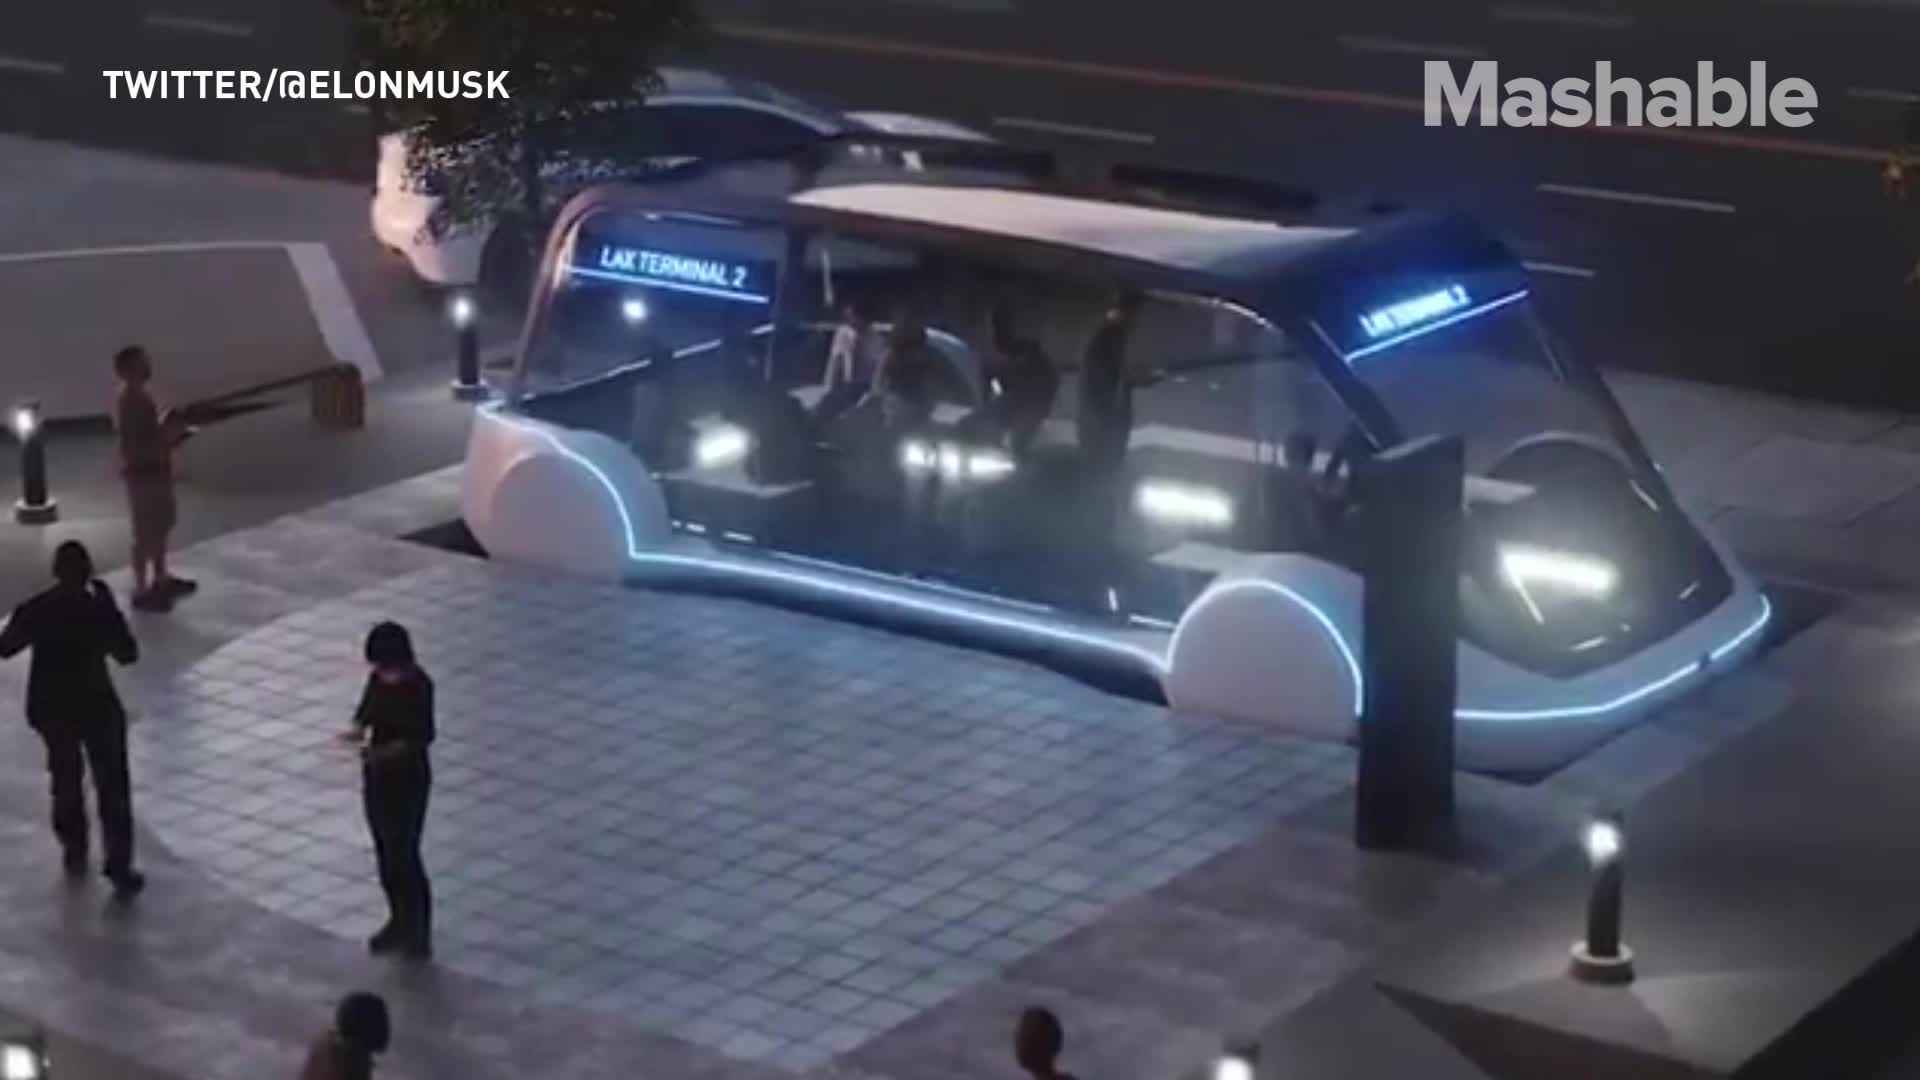 Tesla Twitter: Tesla